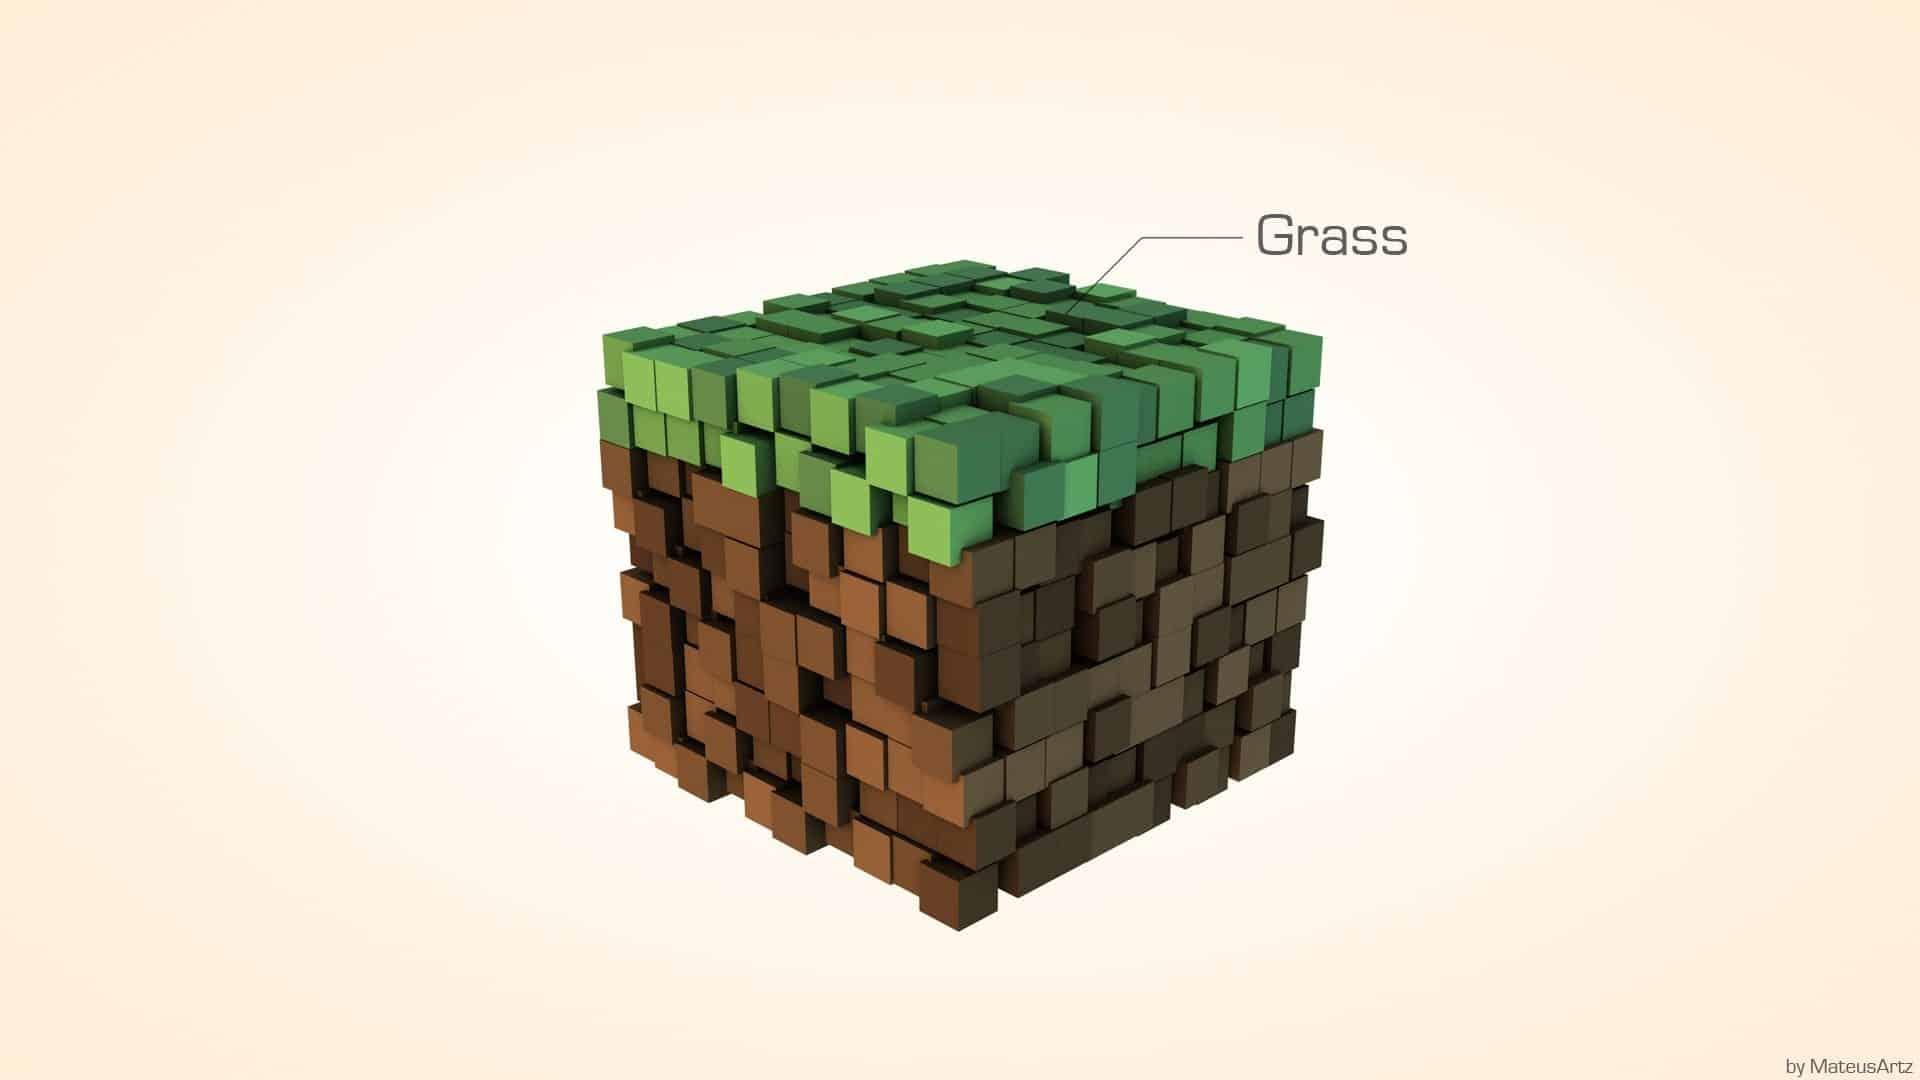 minecraft_minimalist___grass_by_mateusrm94-d4hlh2x